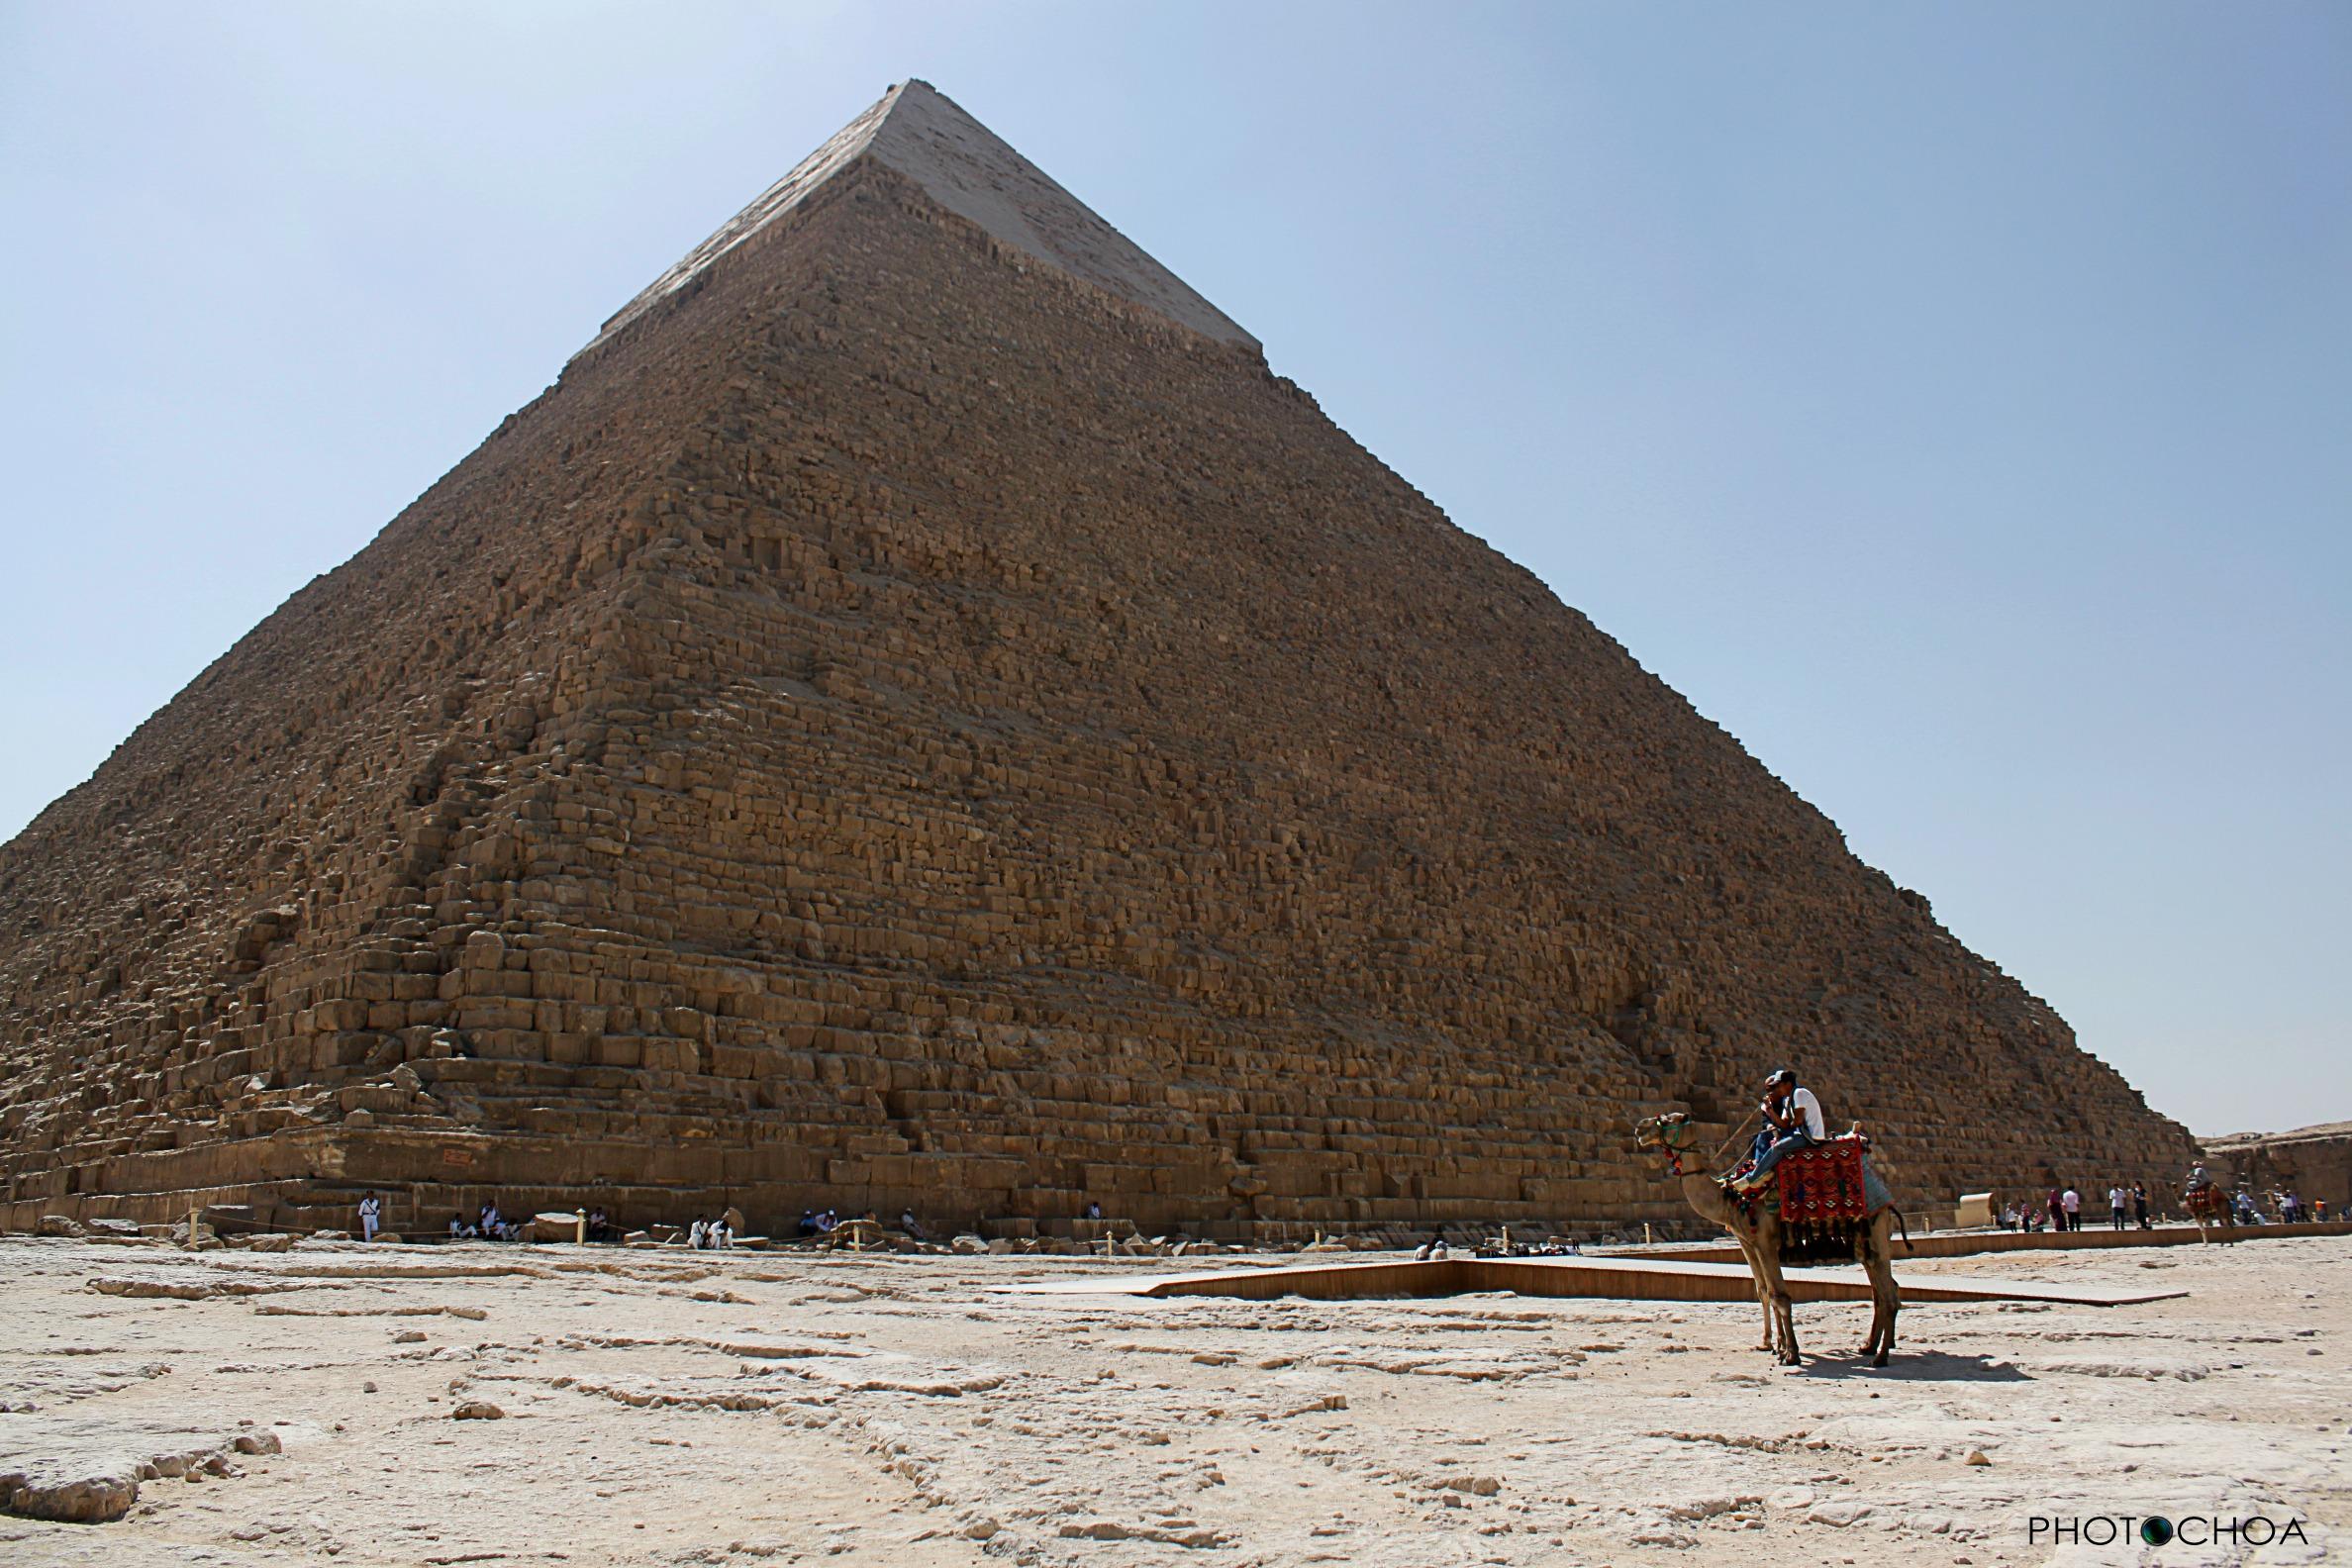 Keops, la mayor pirámide de Guiza